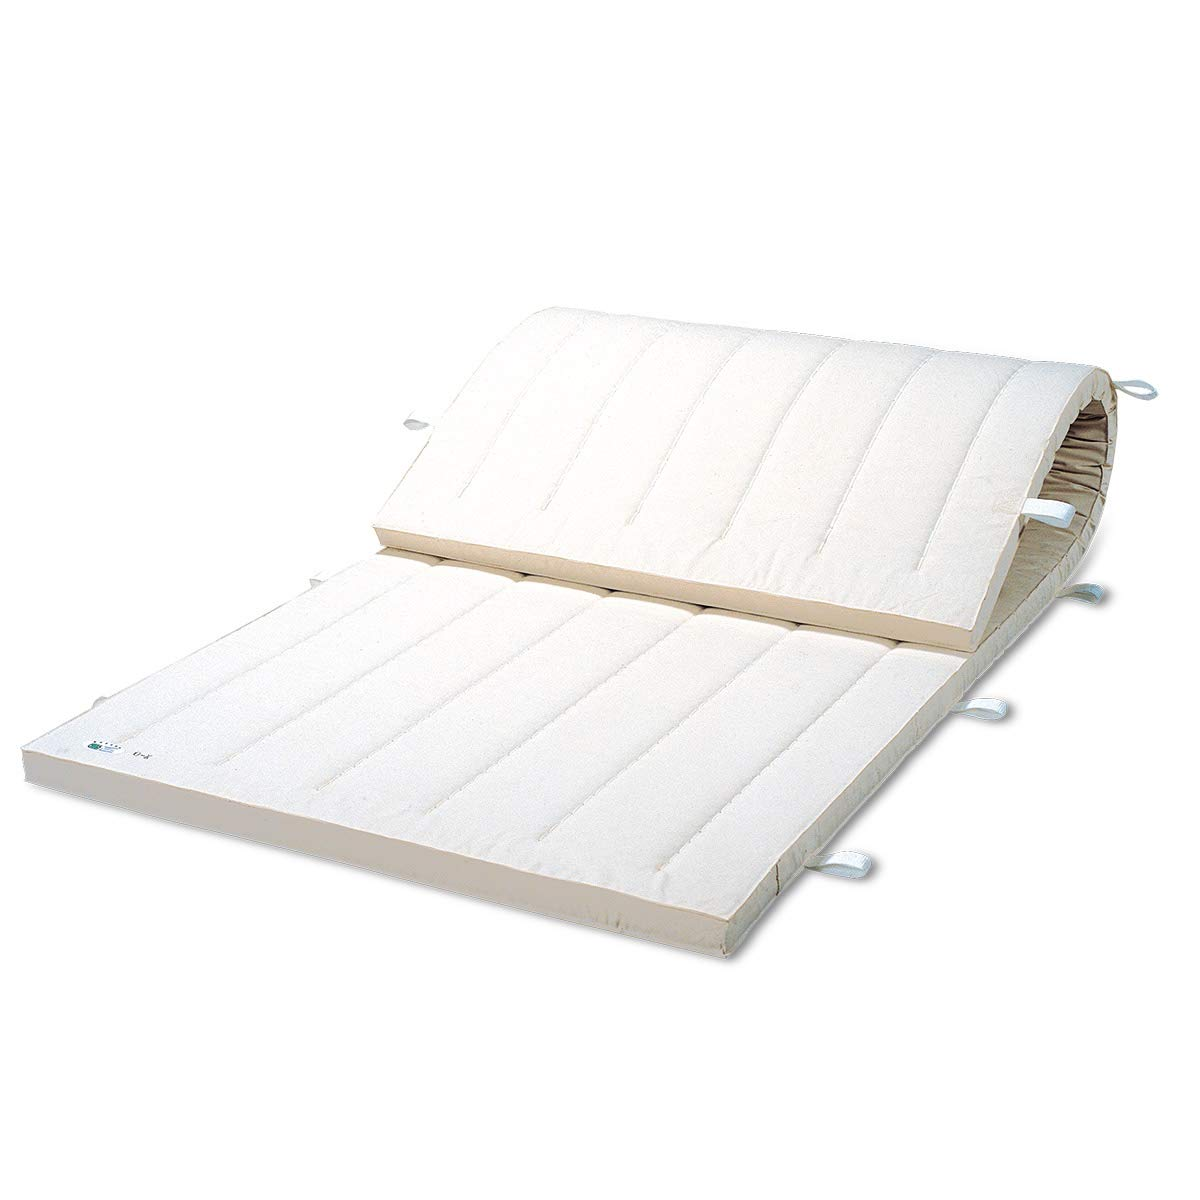 体操マット 6号 SG マーク付 マット 体操 運動マット 150 × 600 × 厚6 cm B00JR1P4DQ